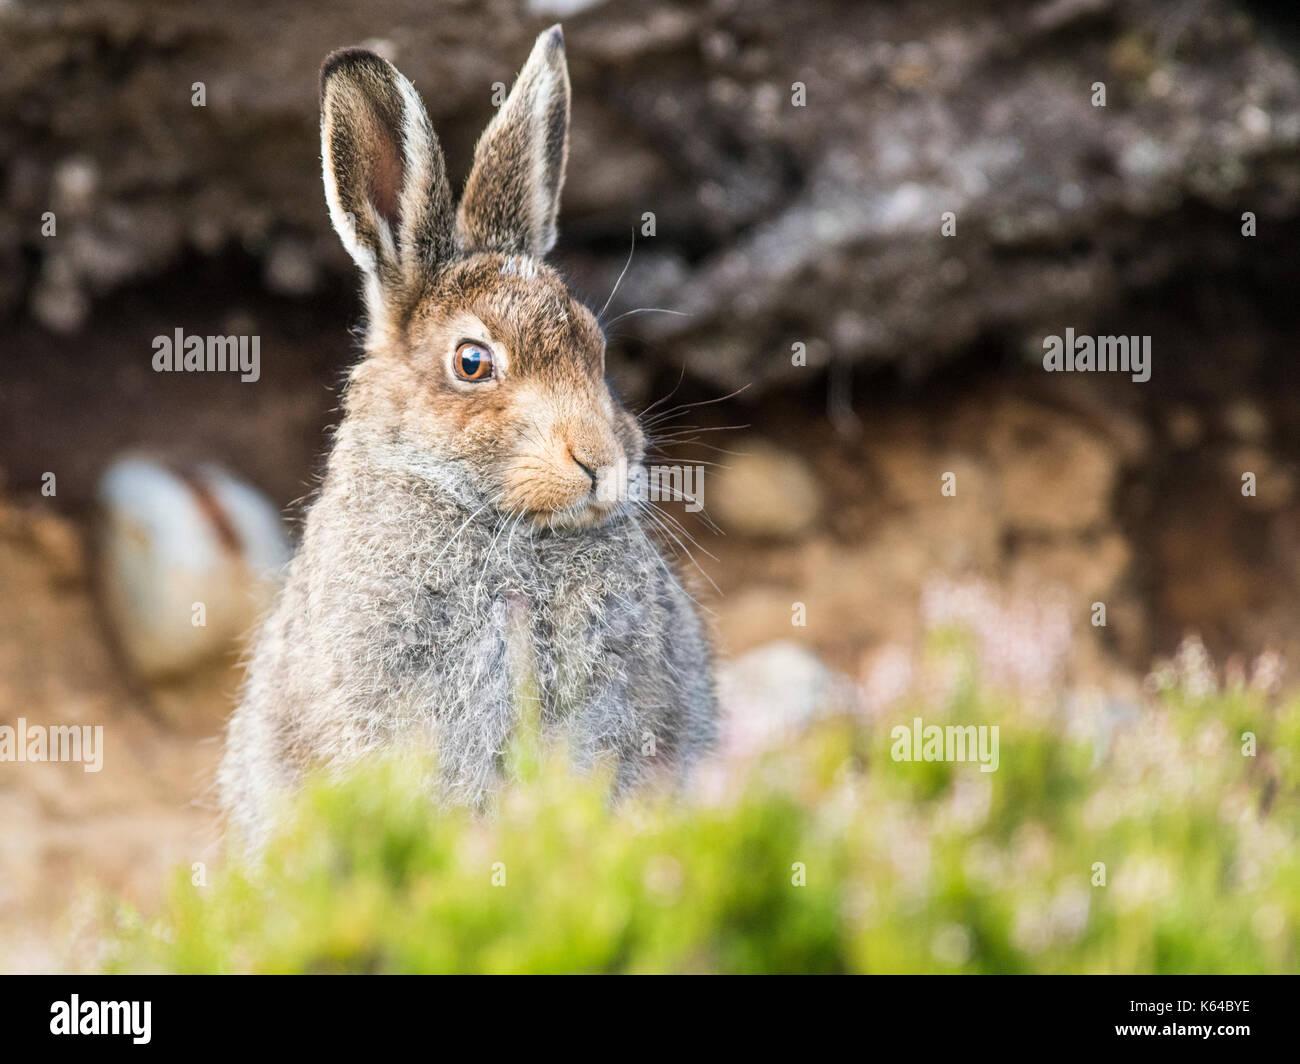 La liebre de montaña (Lepus timidus) se encuentra en el hábitat, abrigo de verano, parque nacional cairngroms, Highlands, Escocia, Gran Bretaña Imagen De Stock